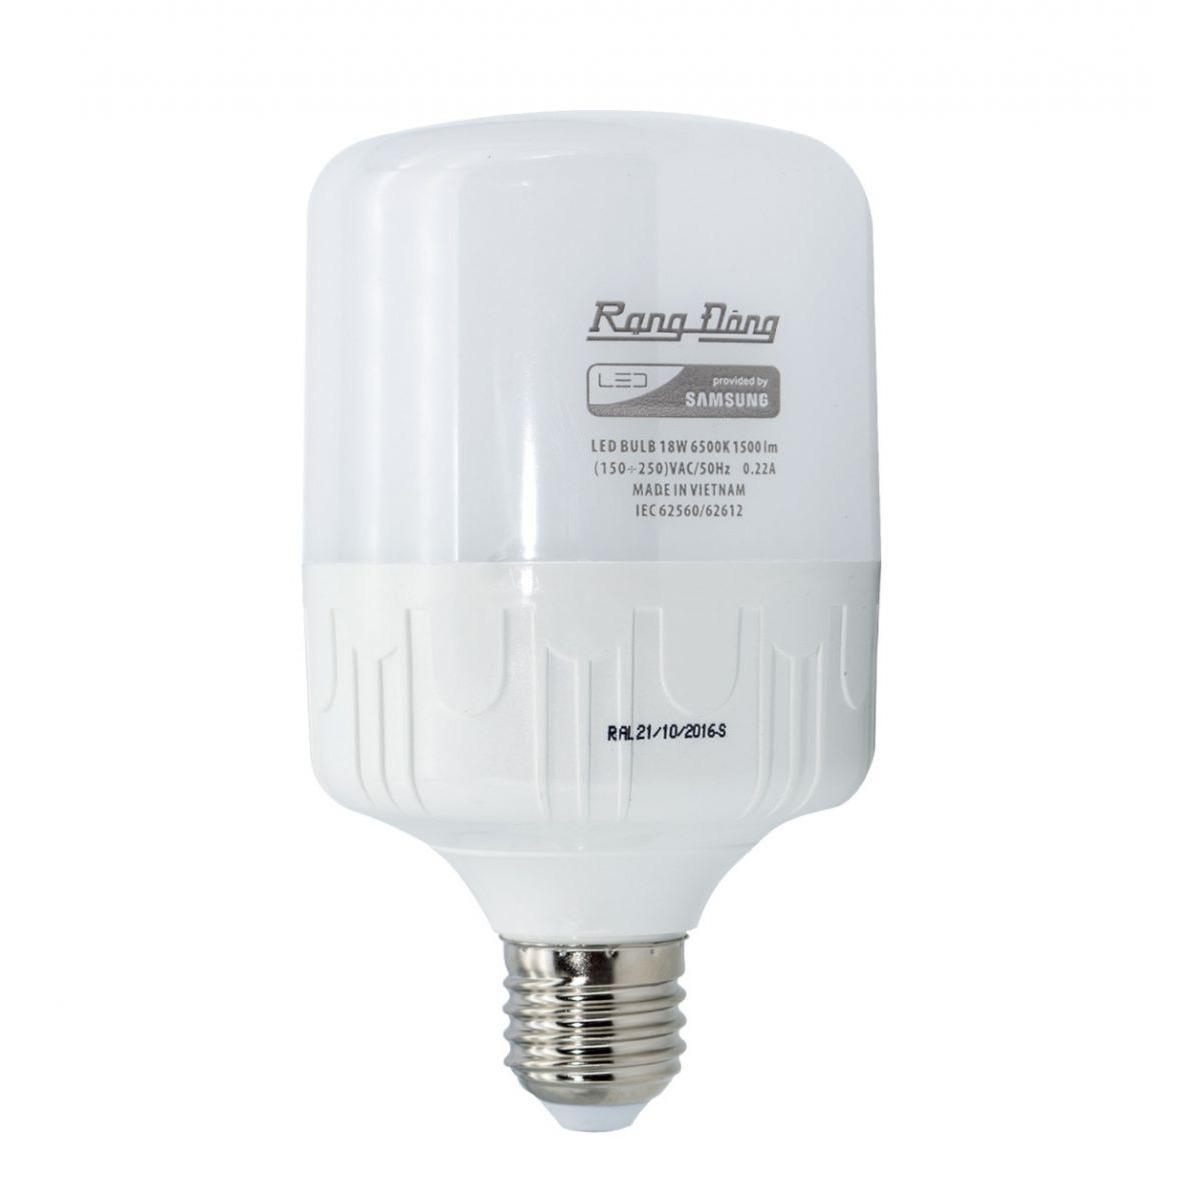 Mua Bong Đen 50W Rạng Đong Led Bulb Trụ E27 Rạng Đông Nguyên